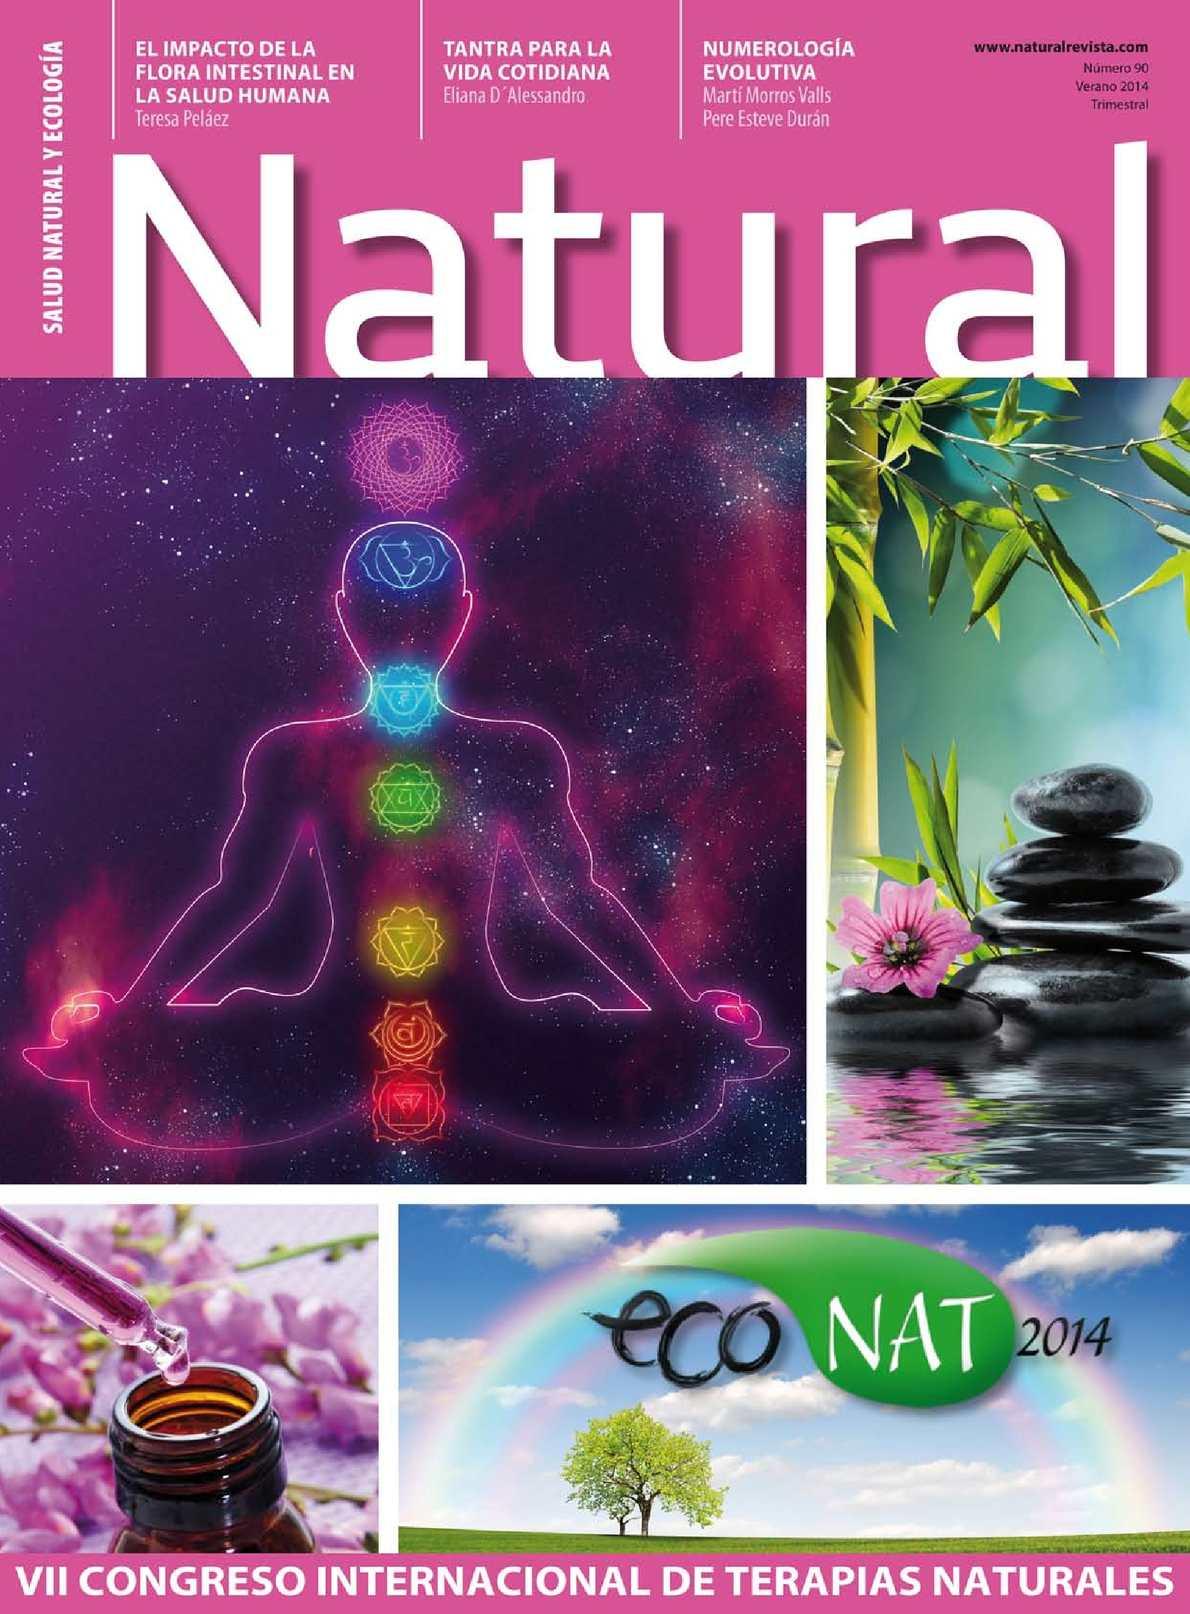 Natural 90